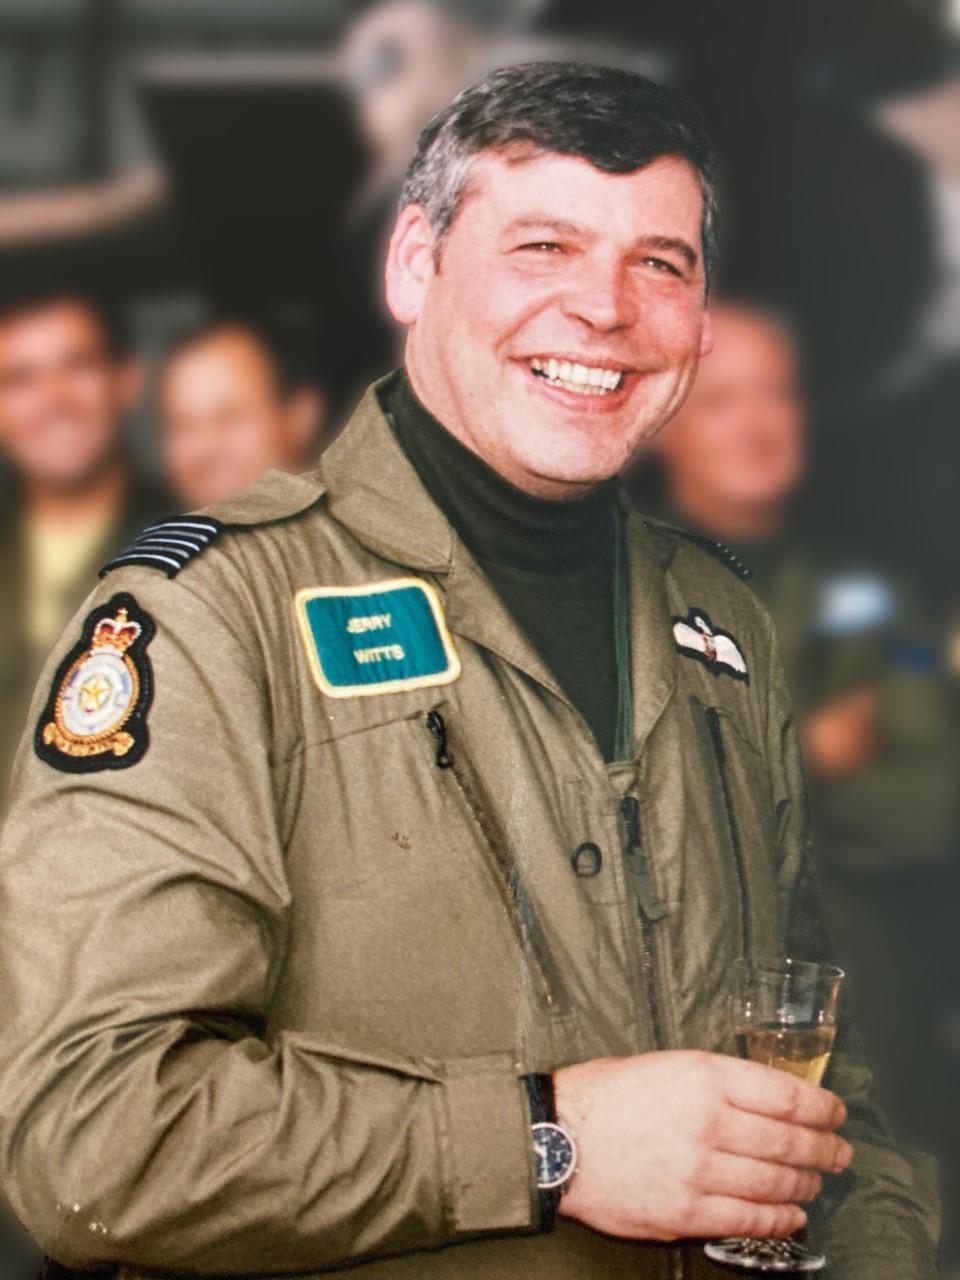 Family remember RAF hero of Operation Desert Storm